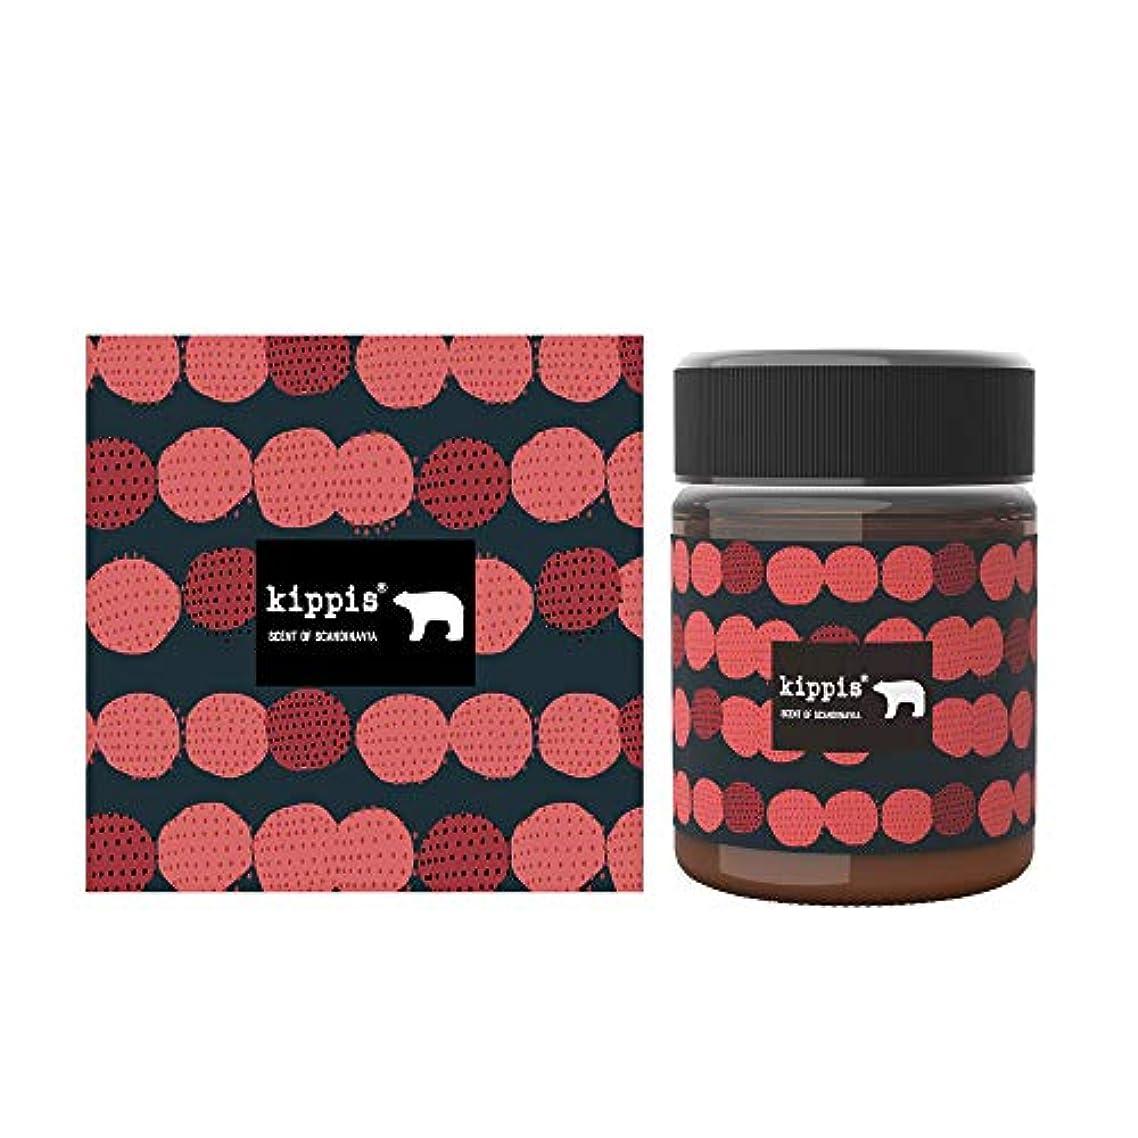 巨大シダご意見キッピス 髪と肌のトリートメントワックス(甘酸っぱい真っ赤なベリーの香り)40g